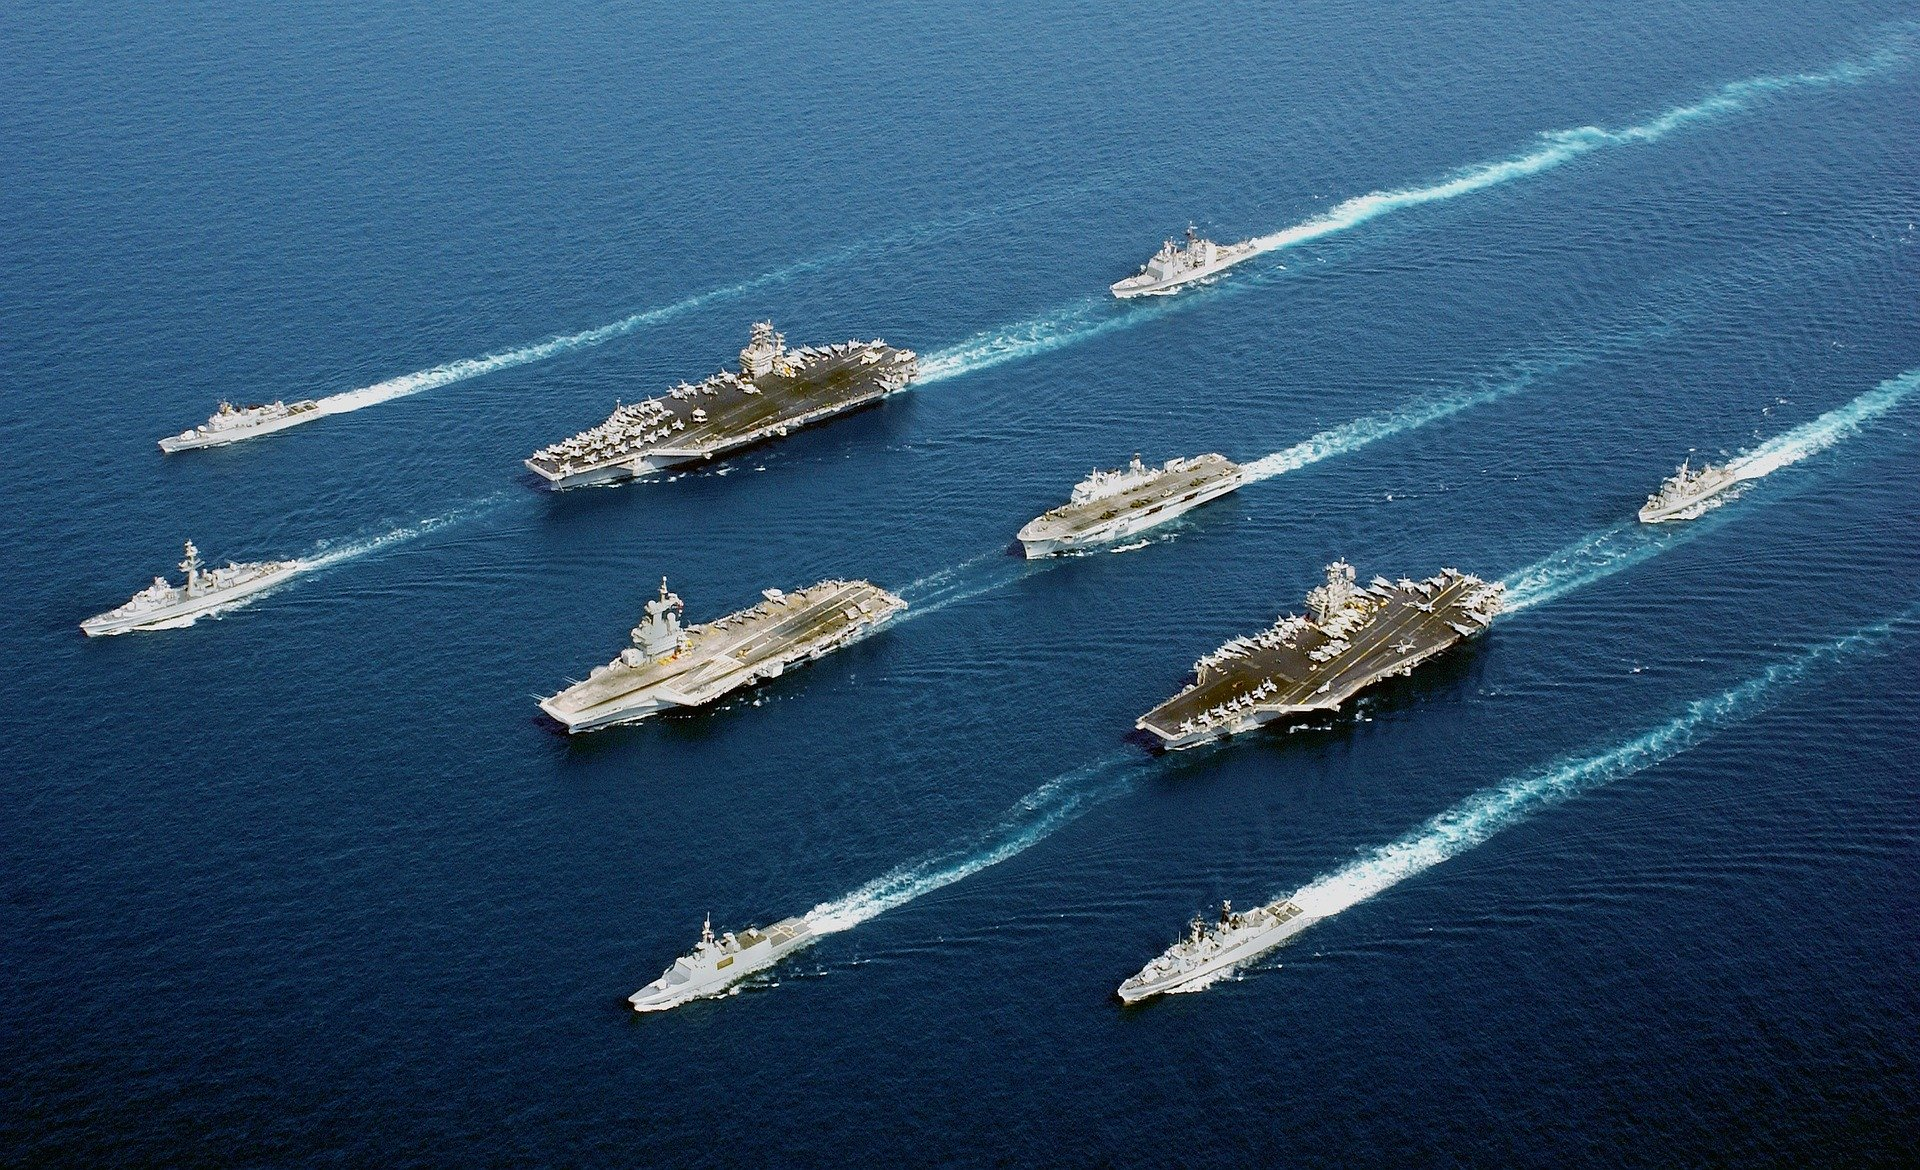 www.diplomaticourier.com